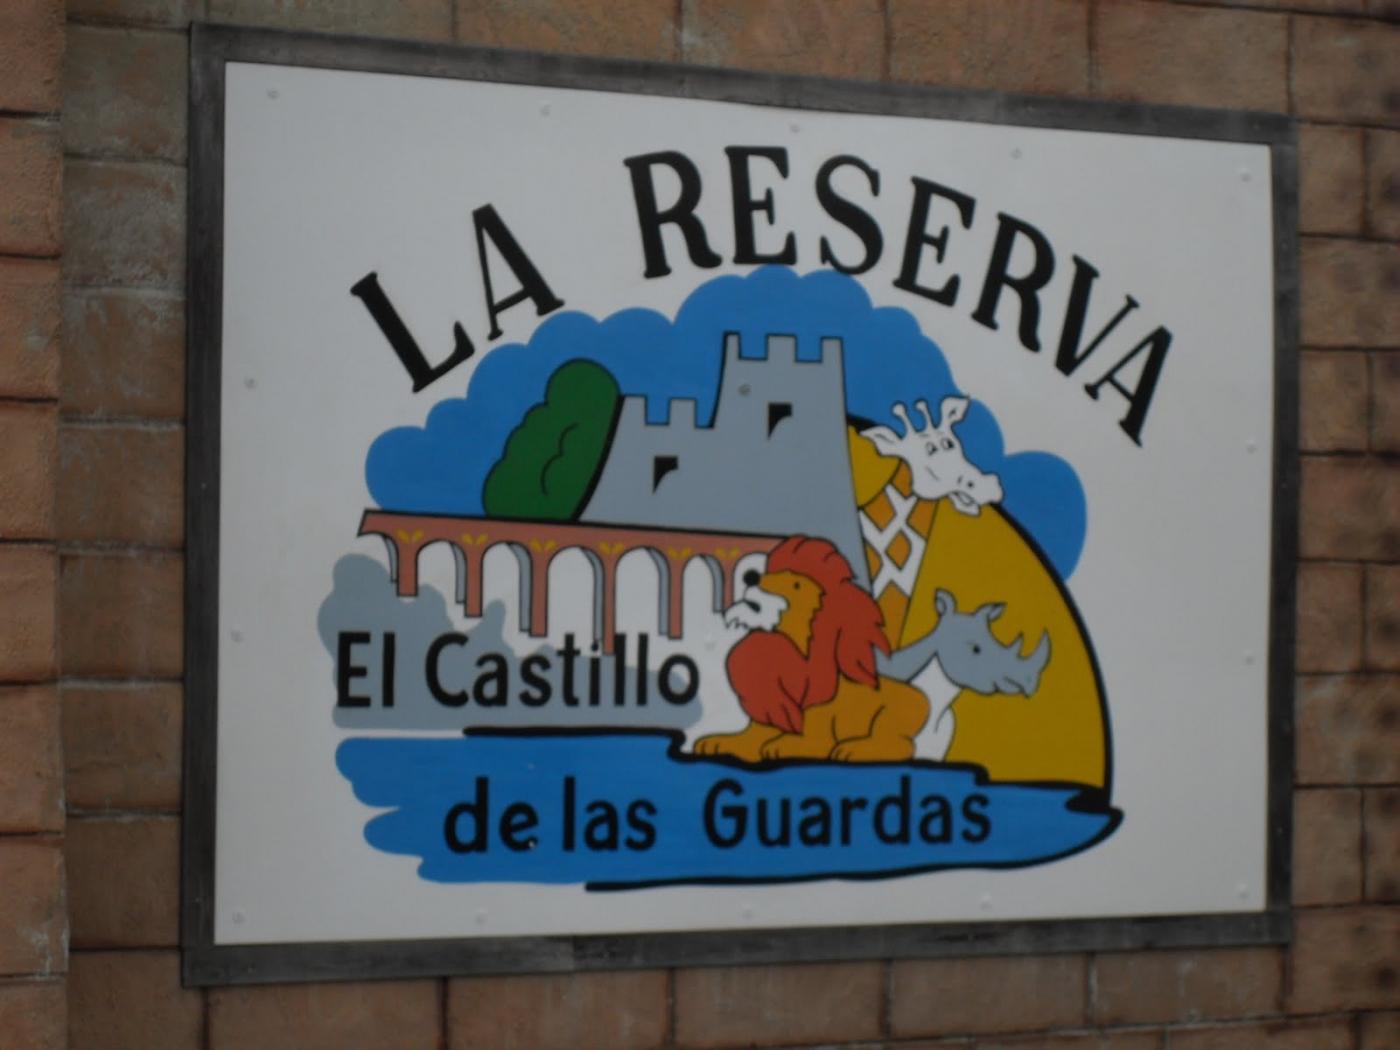 Reserva natural el castillo de las guardas viajar a sevilla - Entradas baratas castillo de las guardas ...